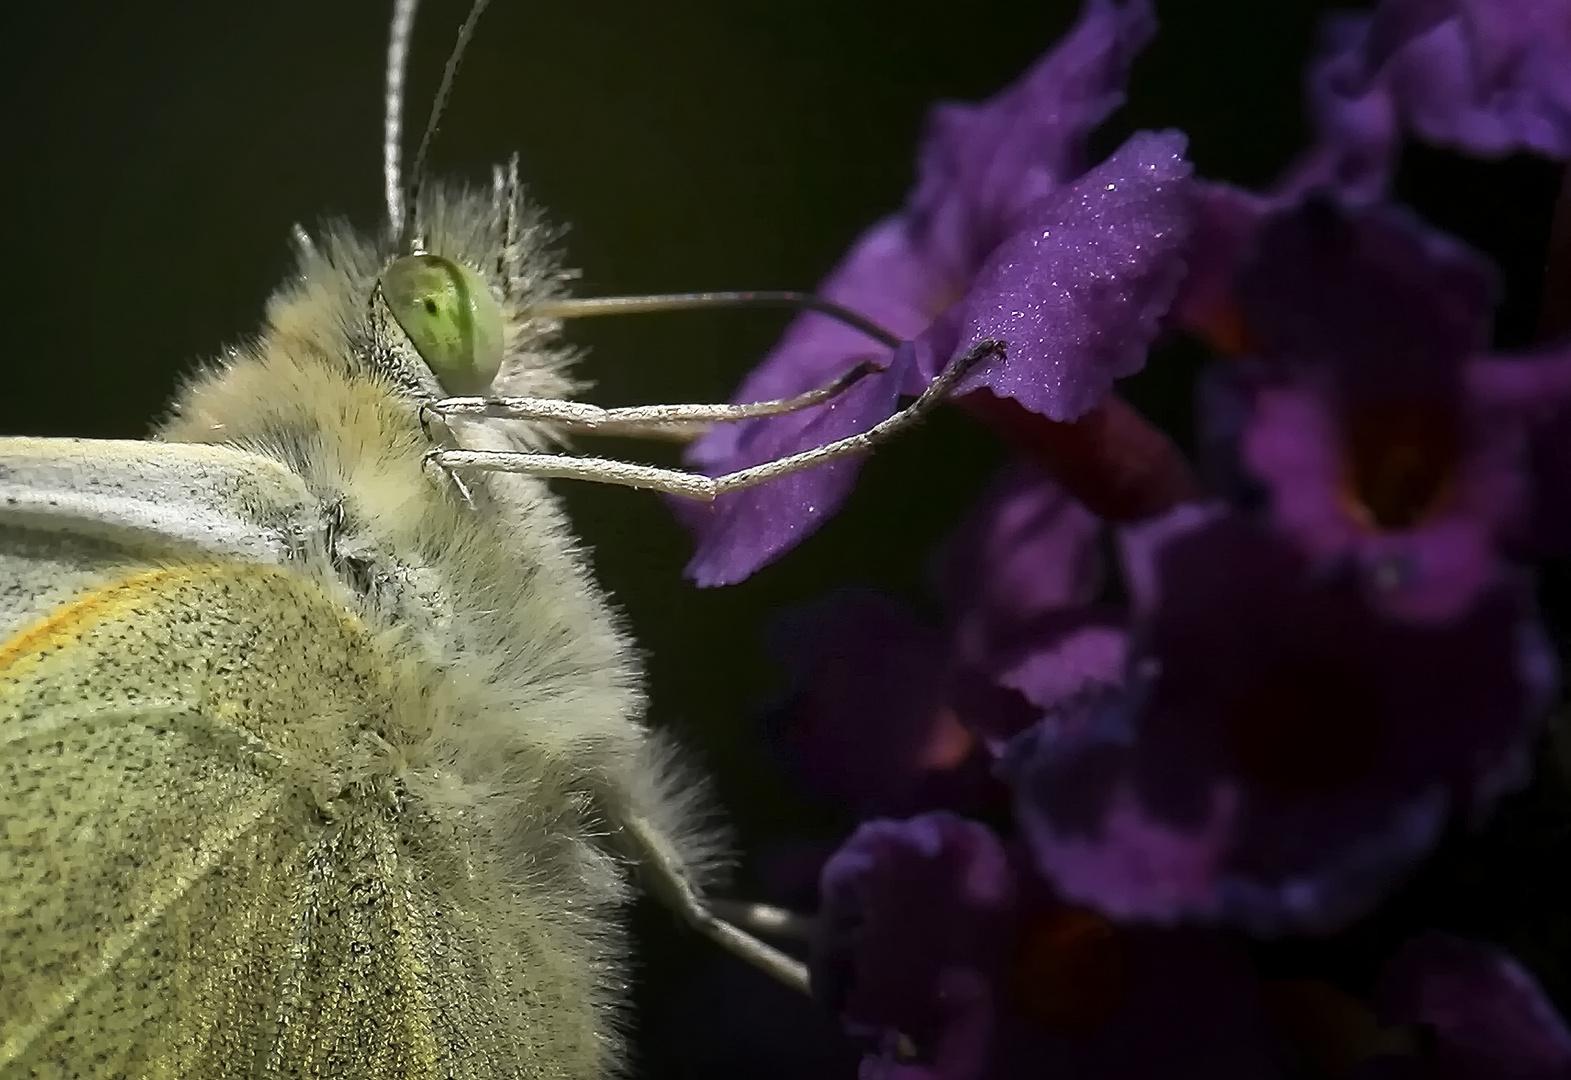 ...Du musst die Raupe erdulden, willst Du den Schmetterling kennen lernen...